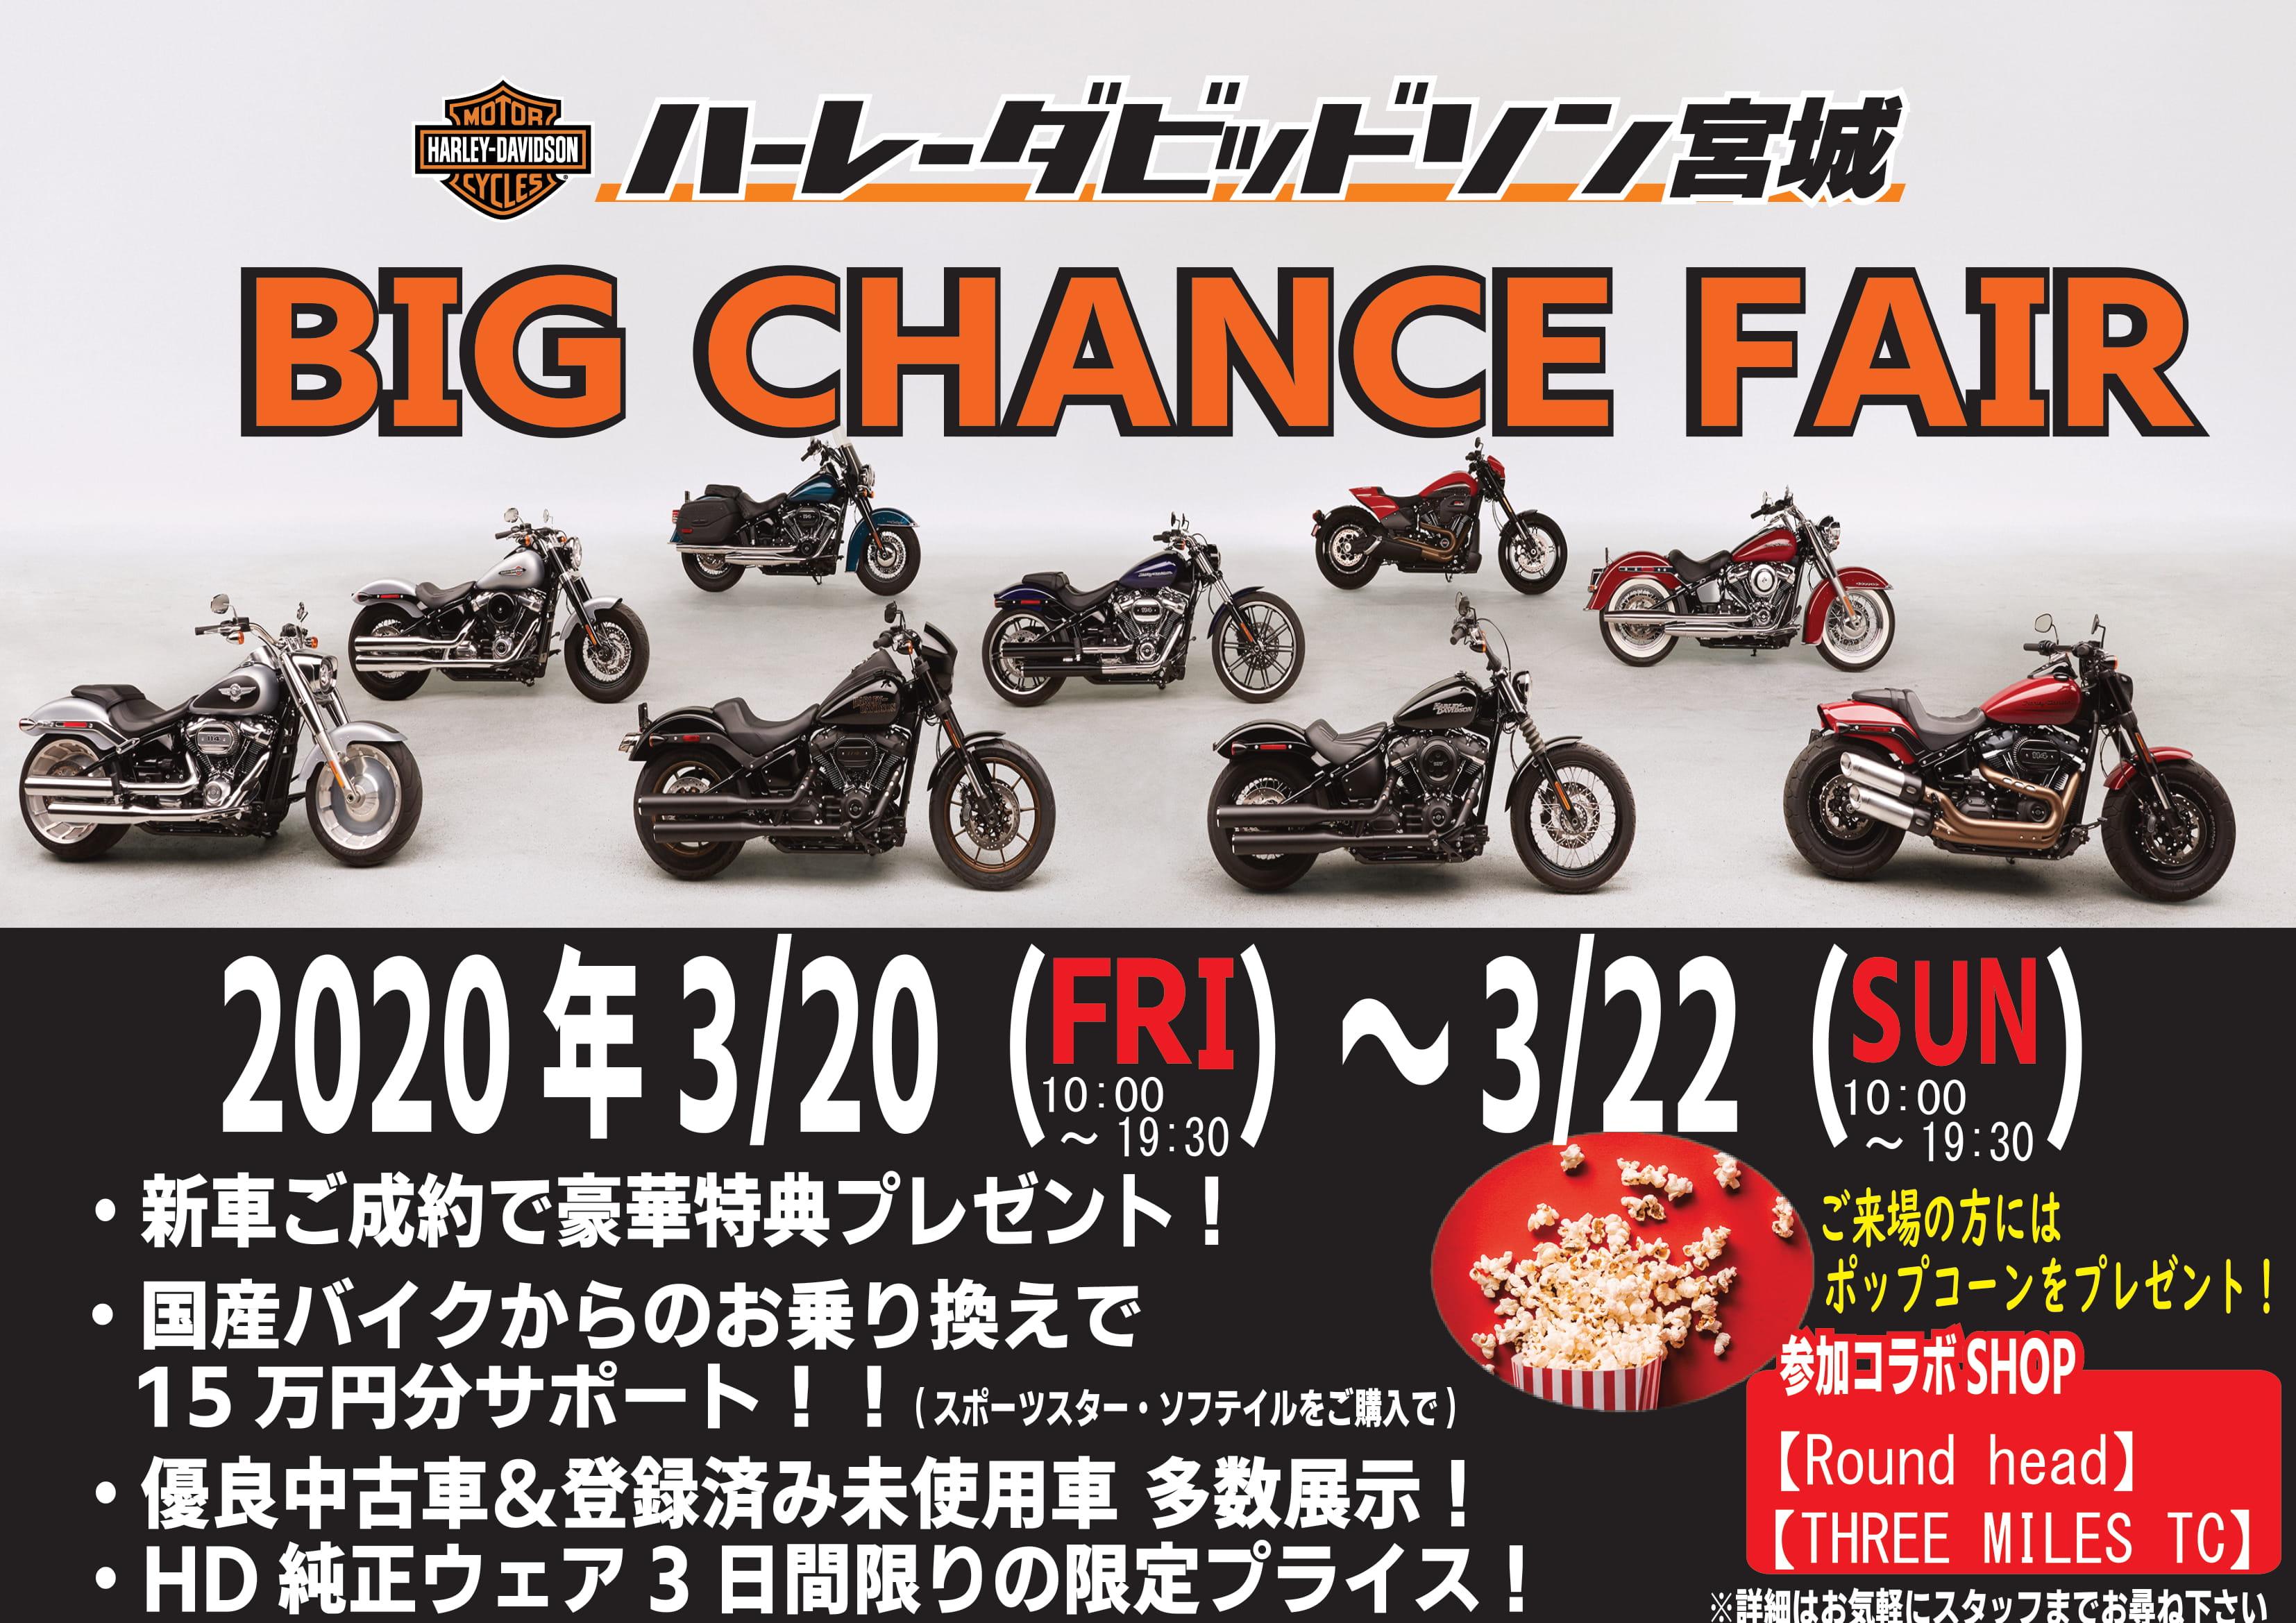 ビッグチャンスフェア-1